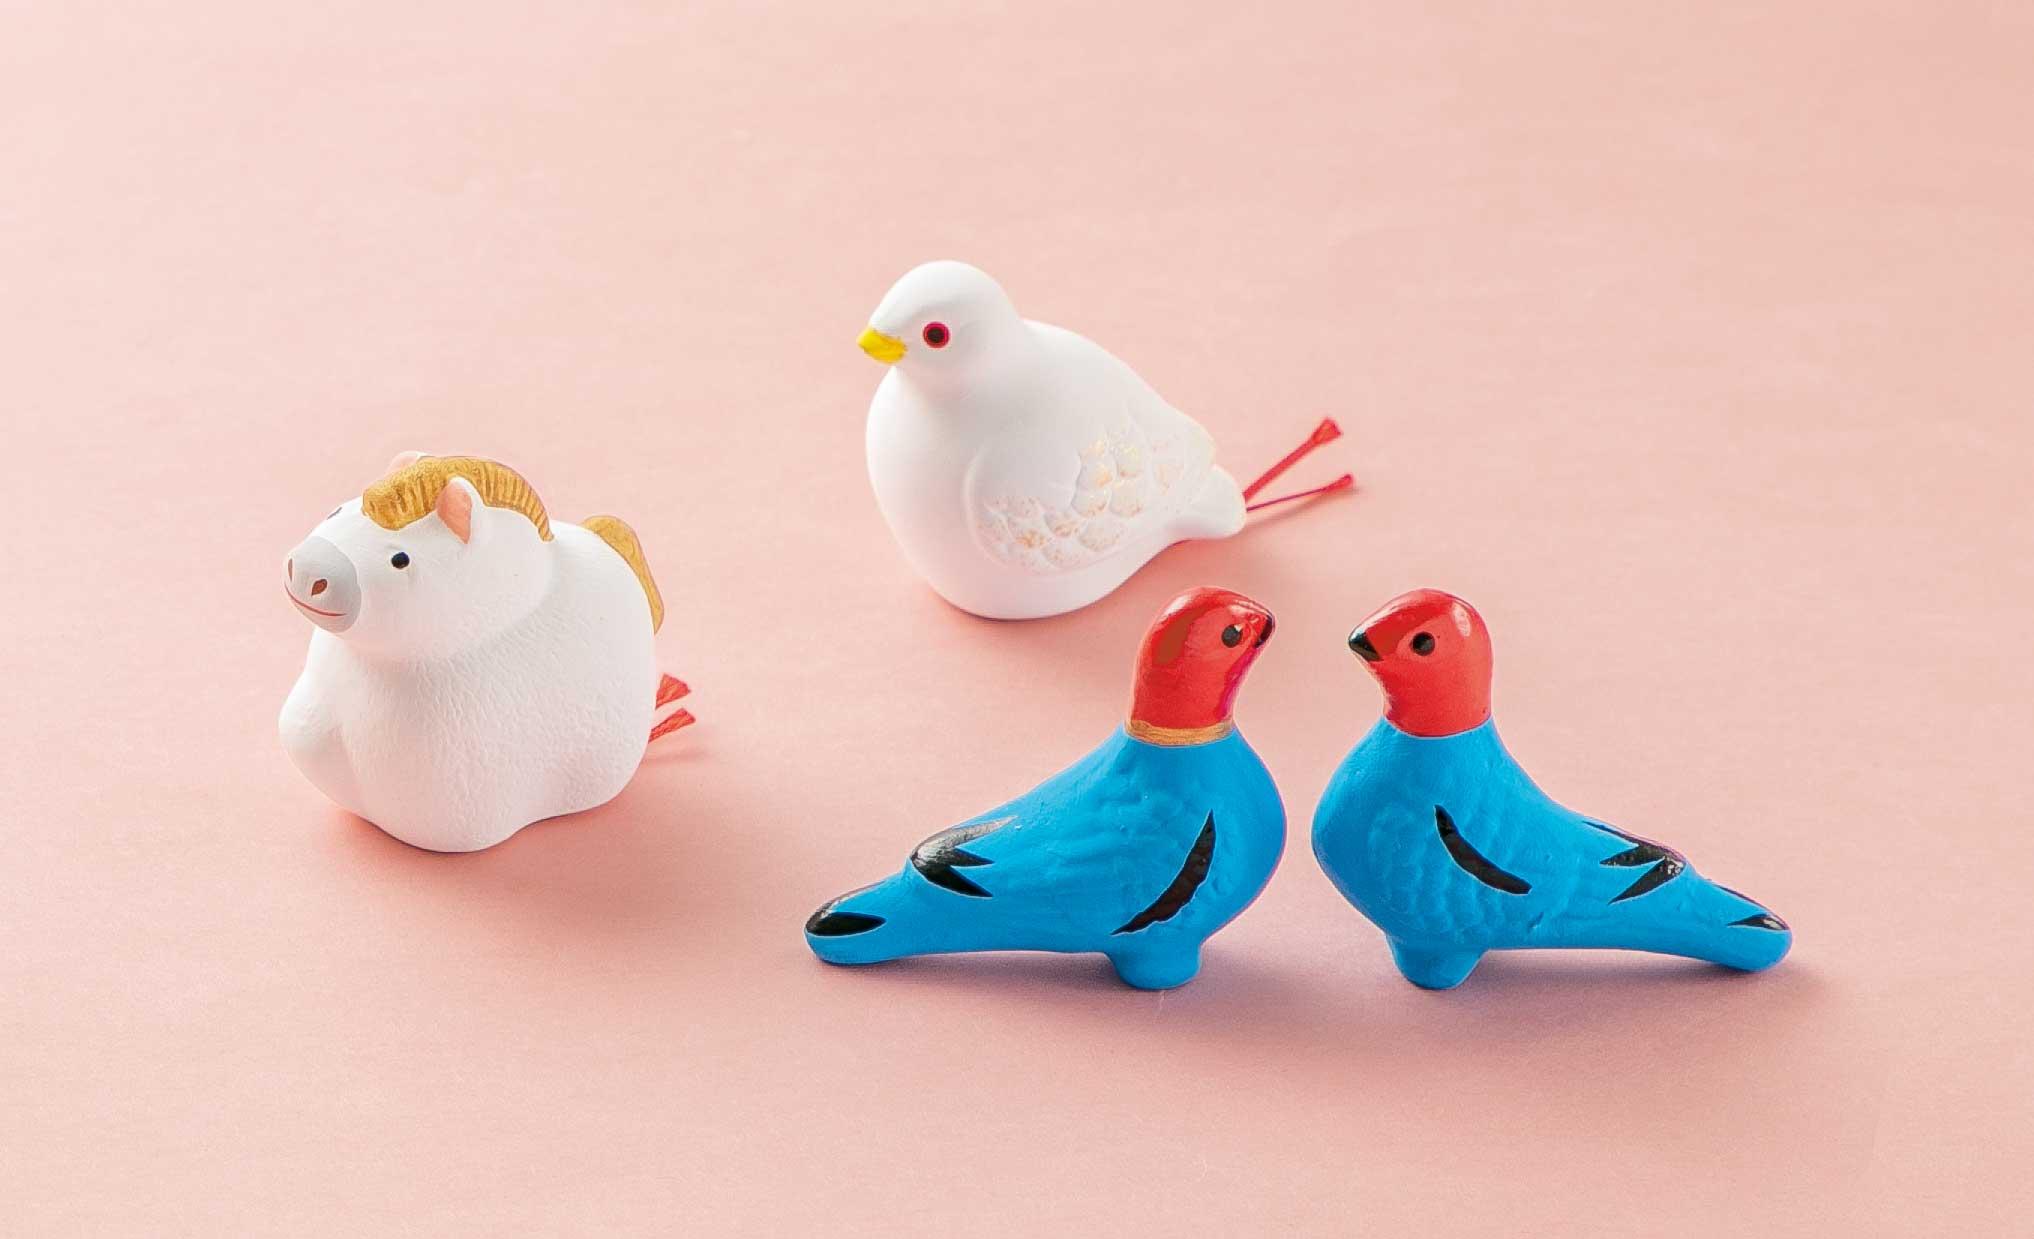 干支人形・牛と鳥